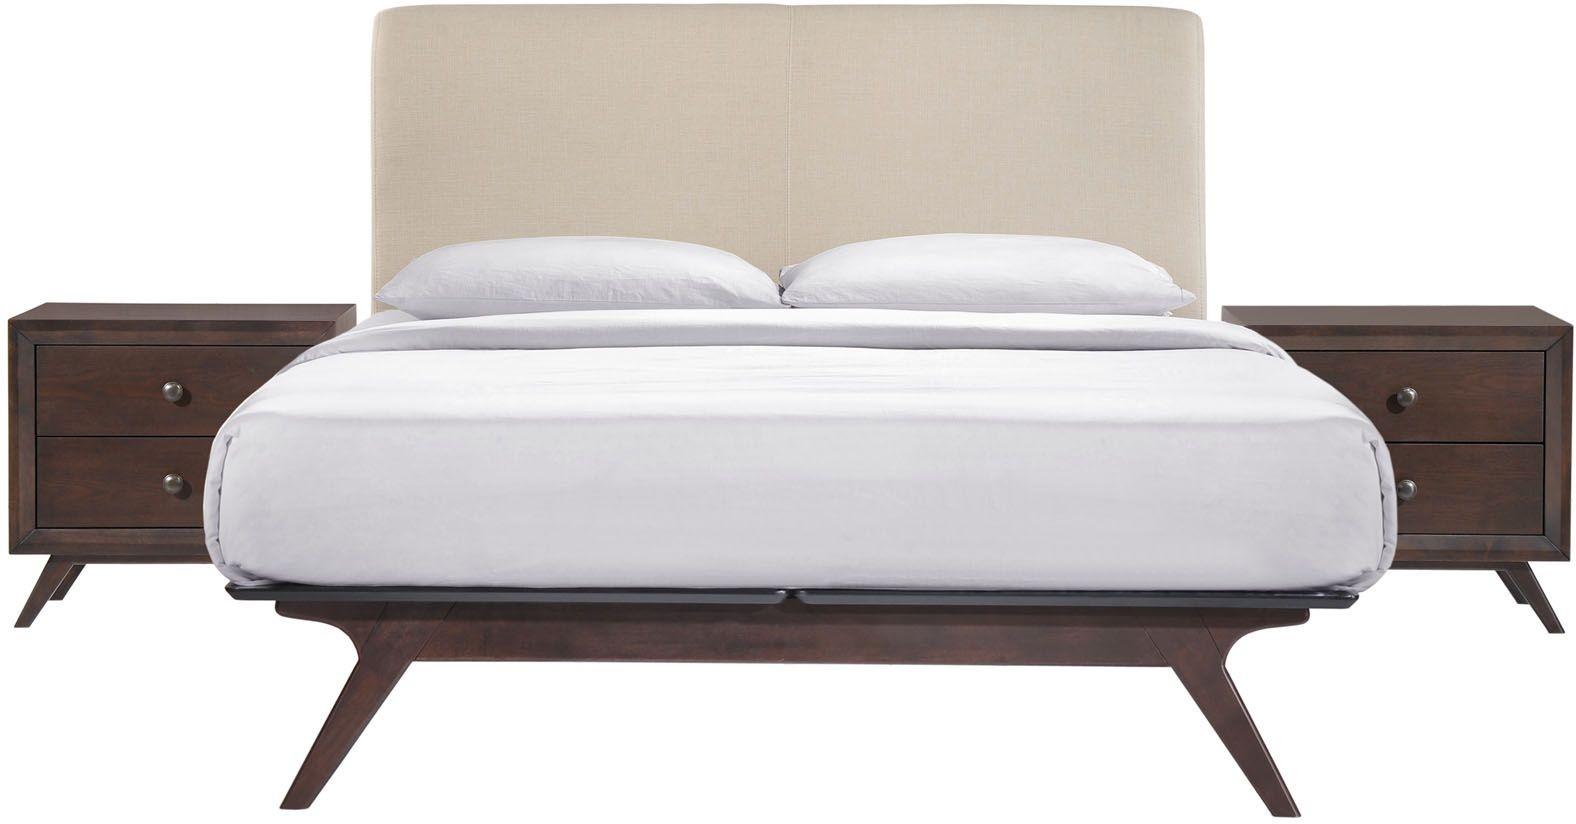 tracy cappuccino beige 3 piece queen platform bedroom set eei mod 5261 cap bei set renegade. Black Bedroom Furniture Sets. Home Design Ideas